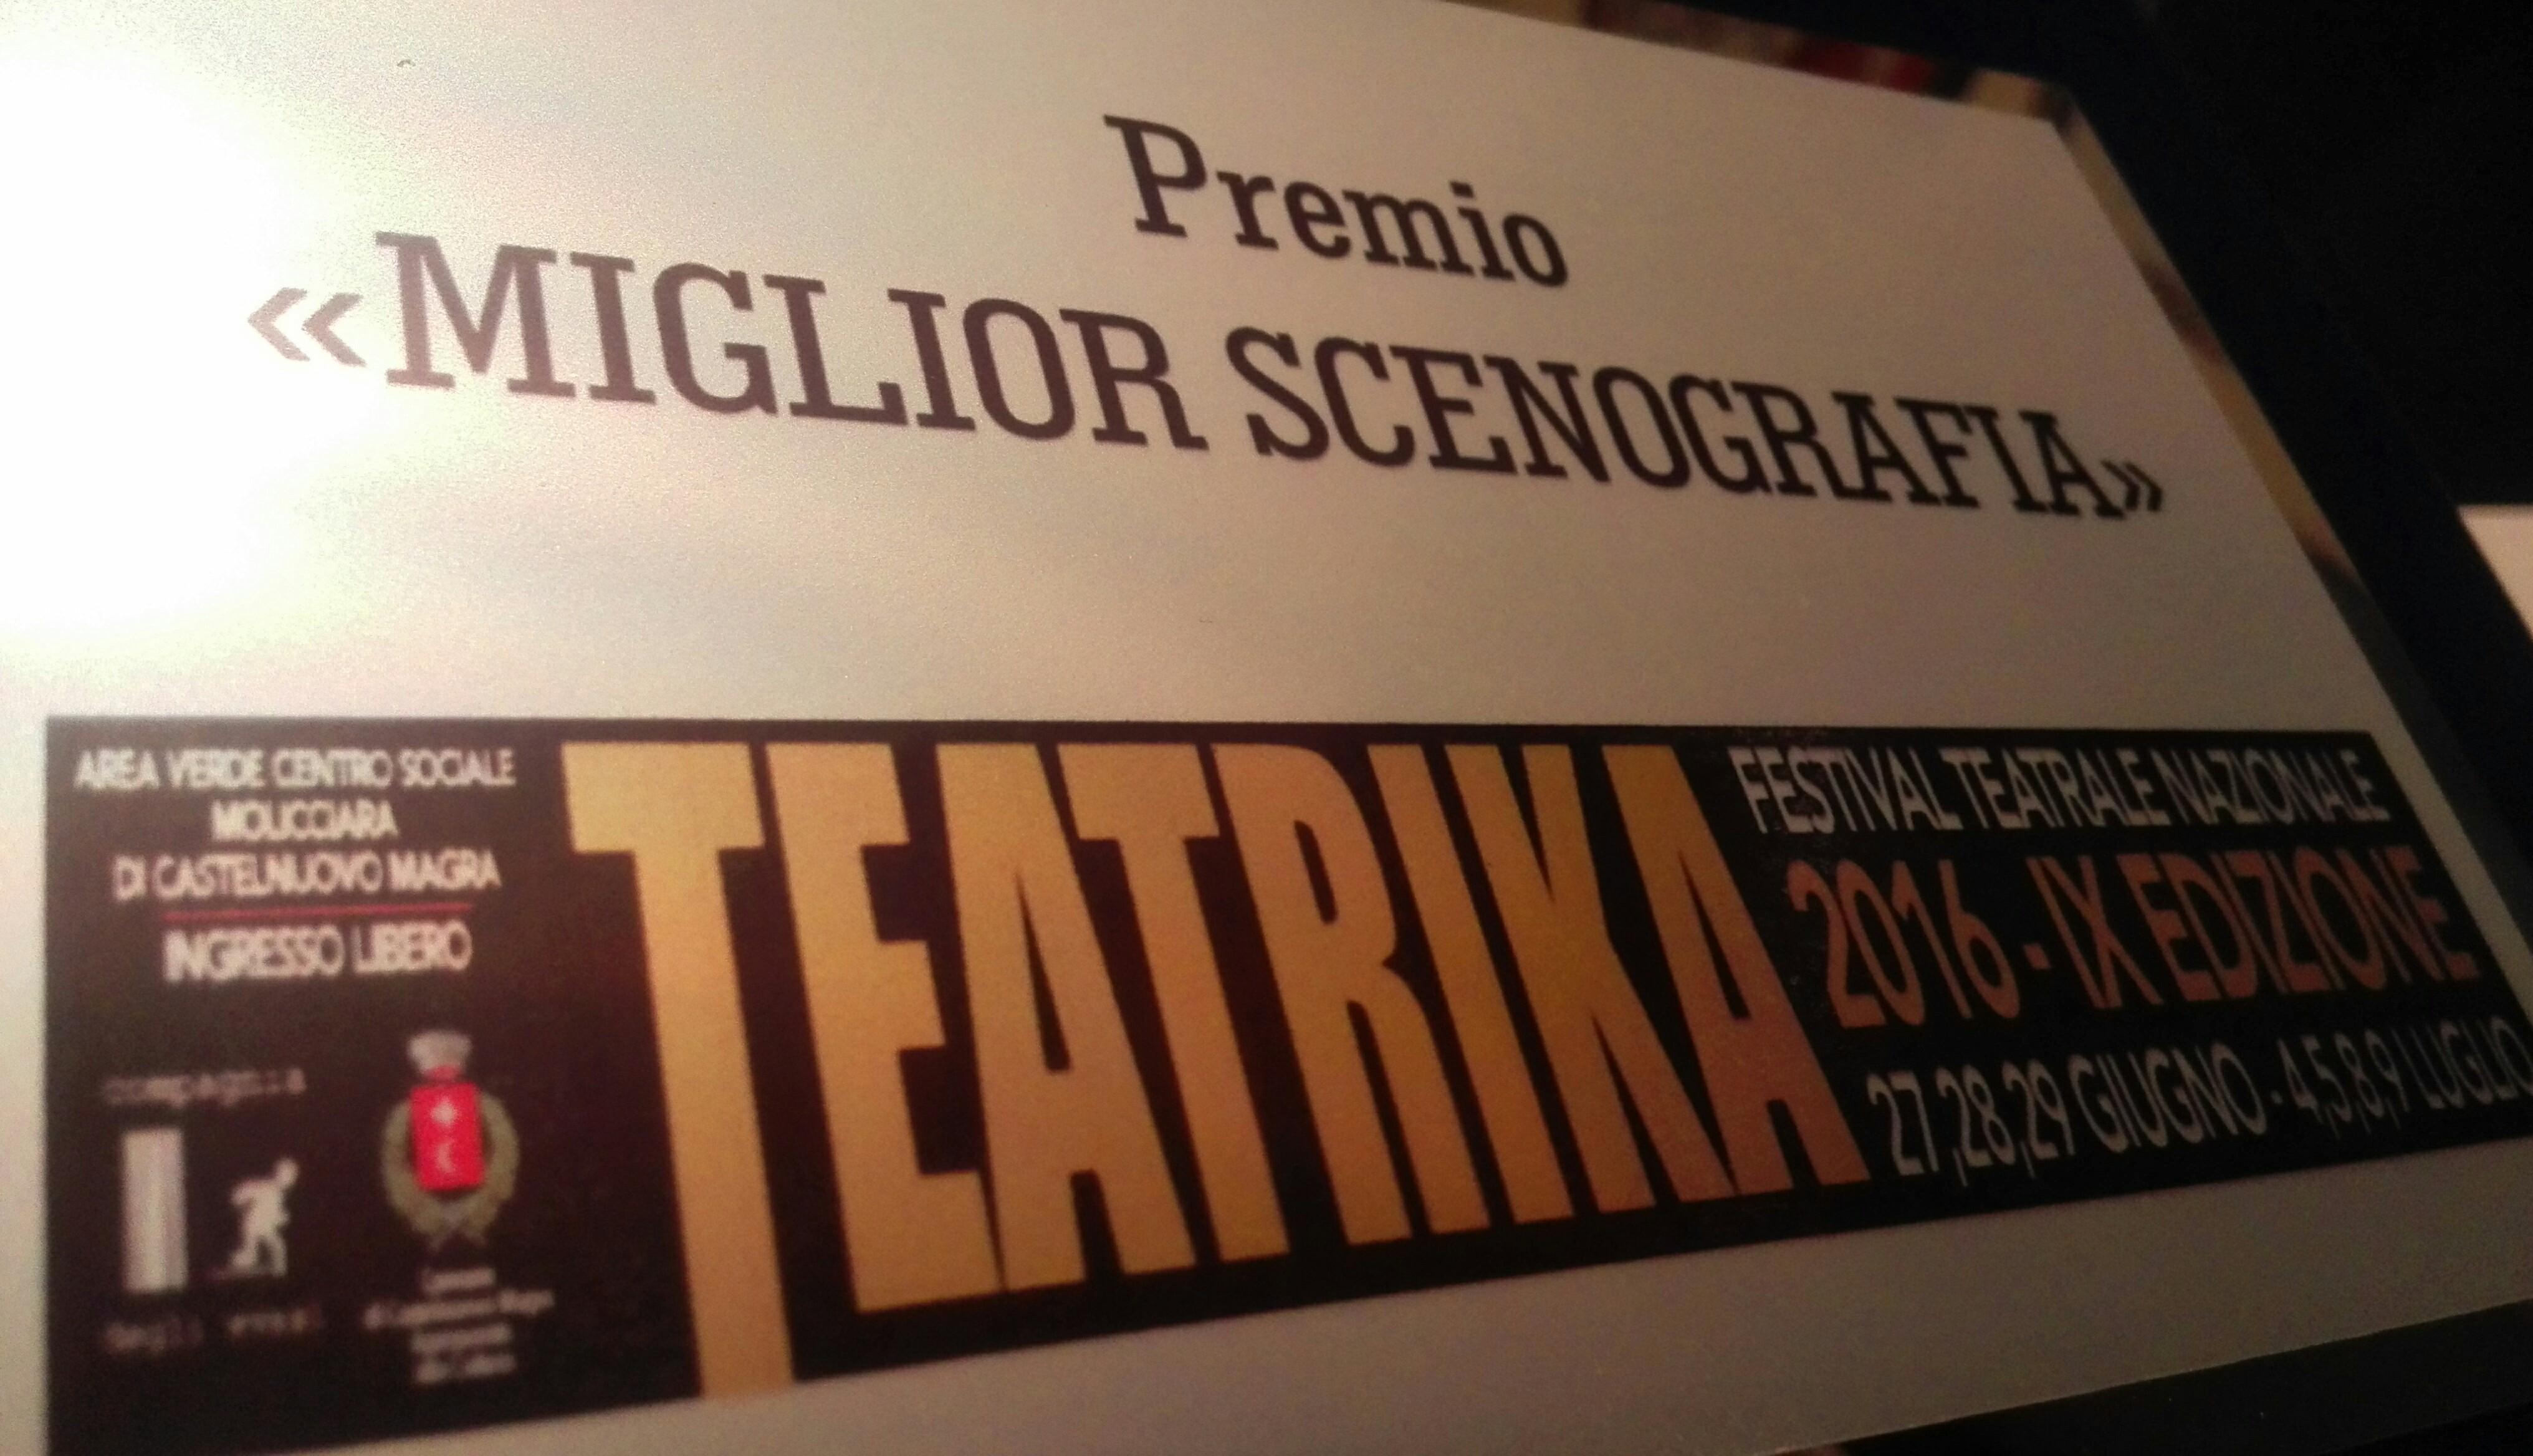 """Premio miglior scenografia al """"Teatrika"""" di Castelnuovo Magra (SP) (Oh Dio mio!)"""